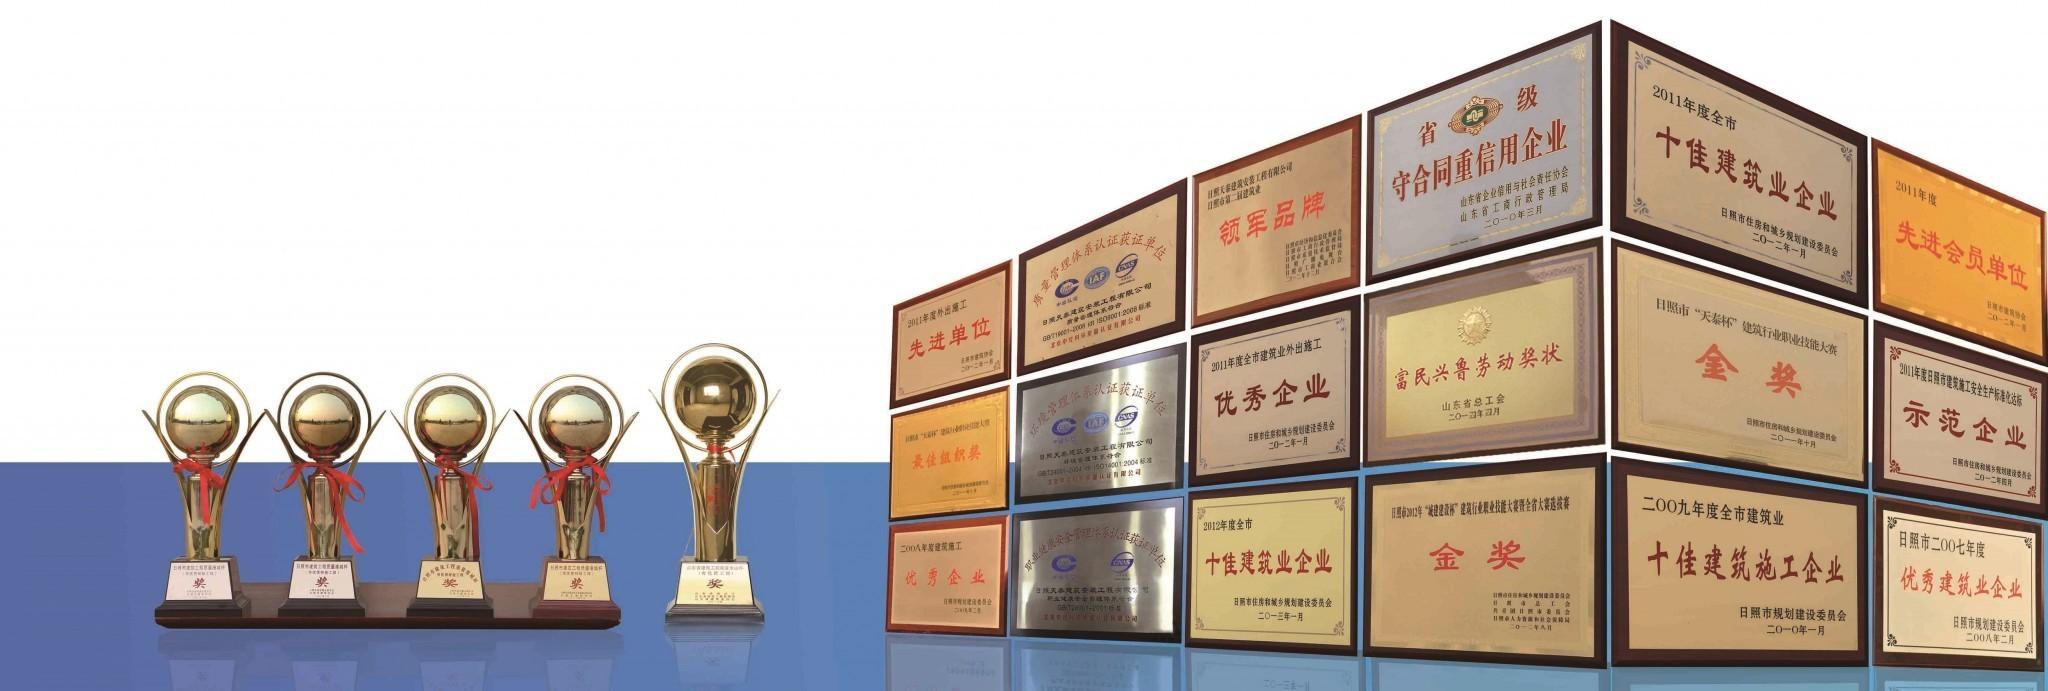 013-014企业资质荣誉111